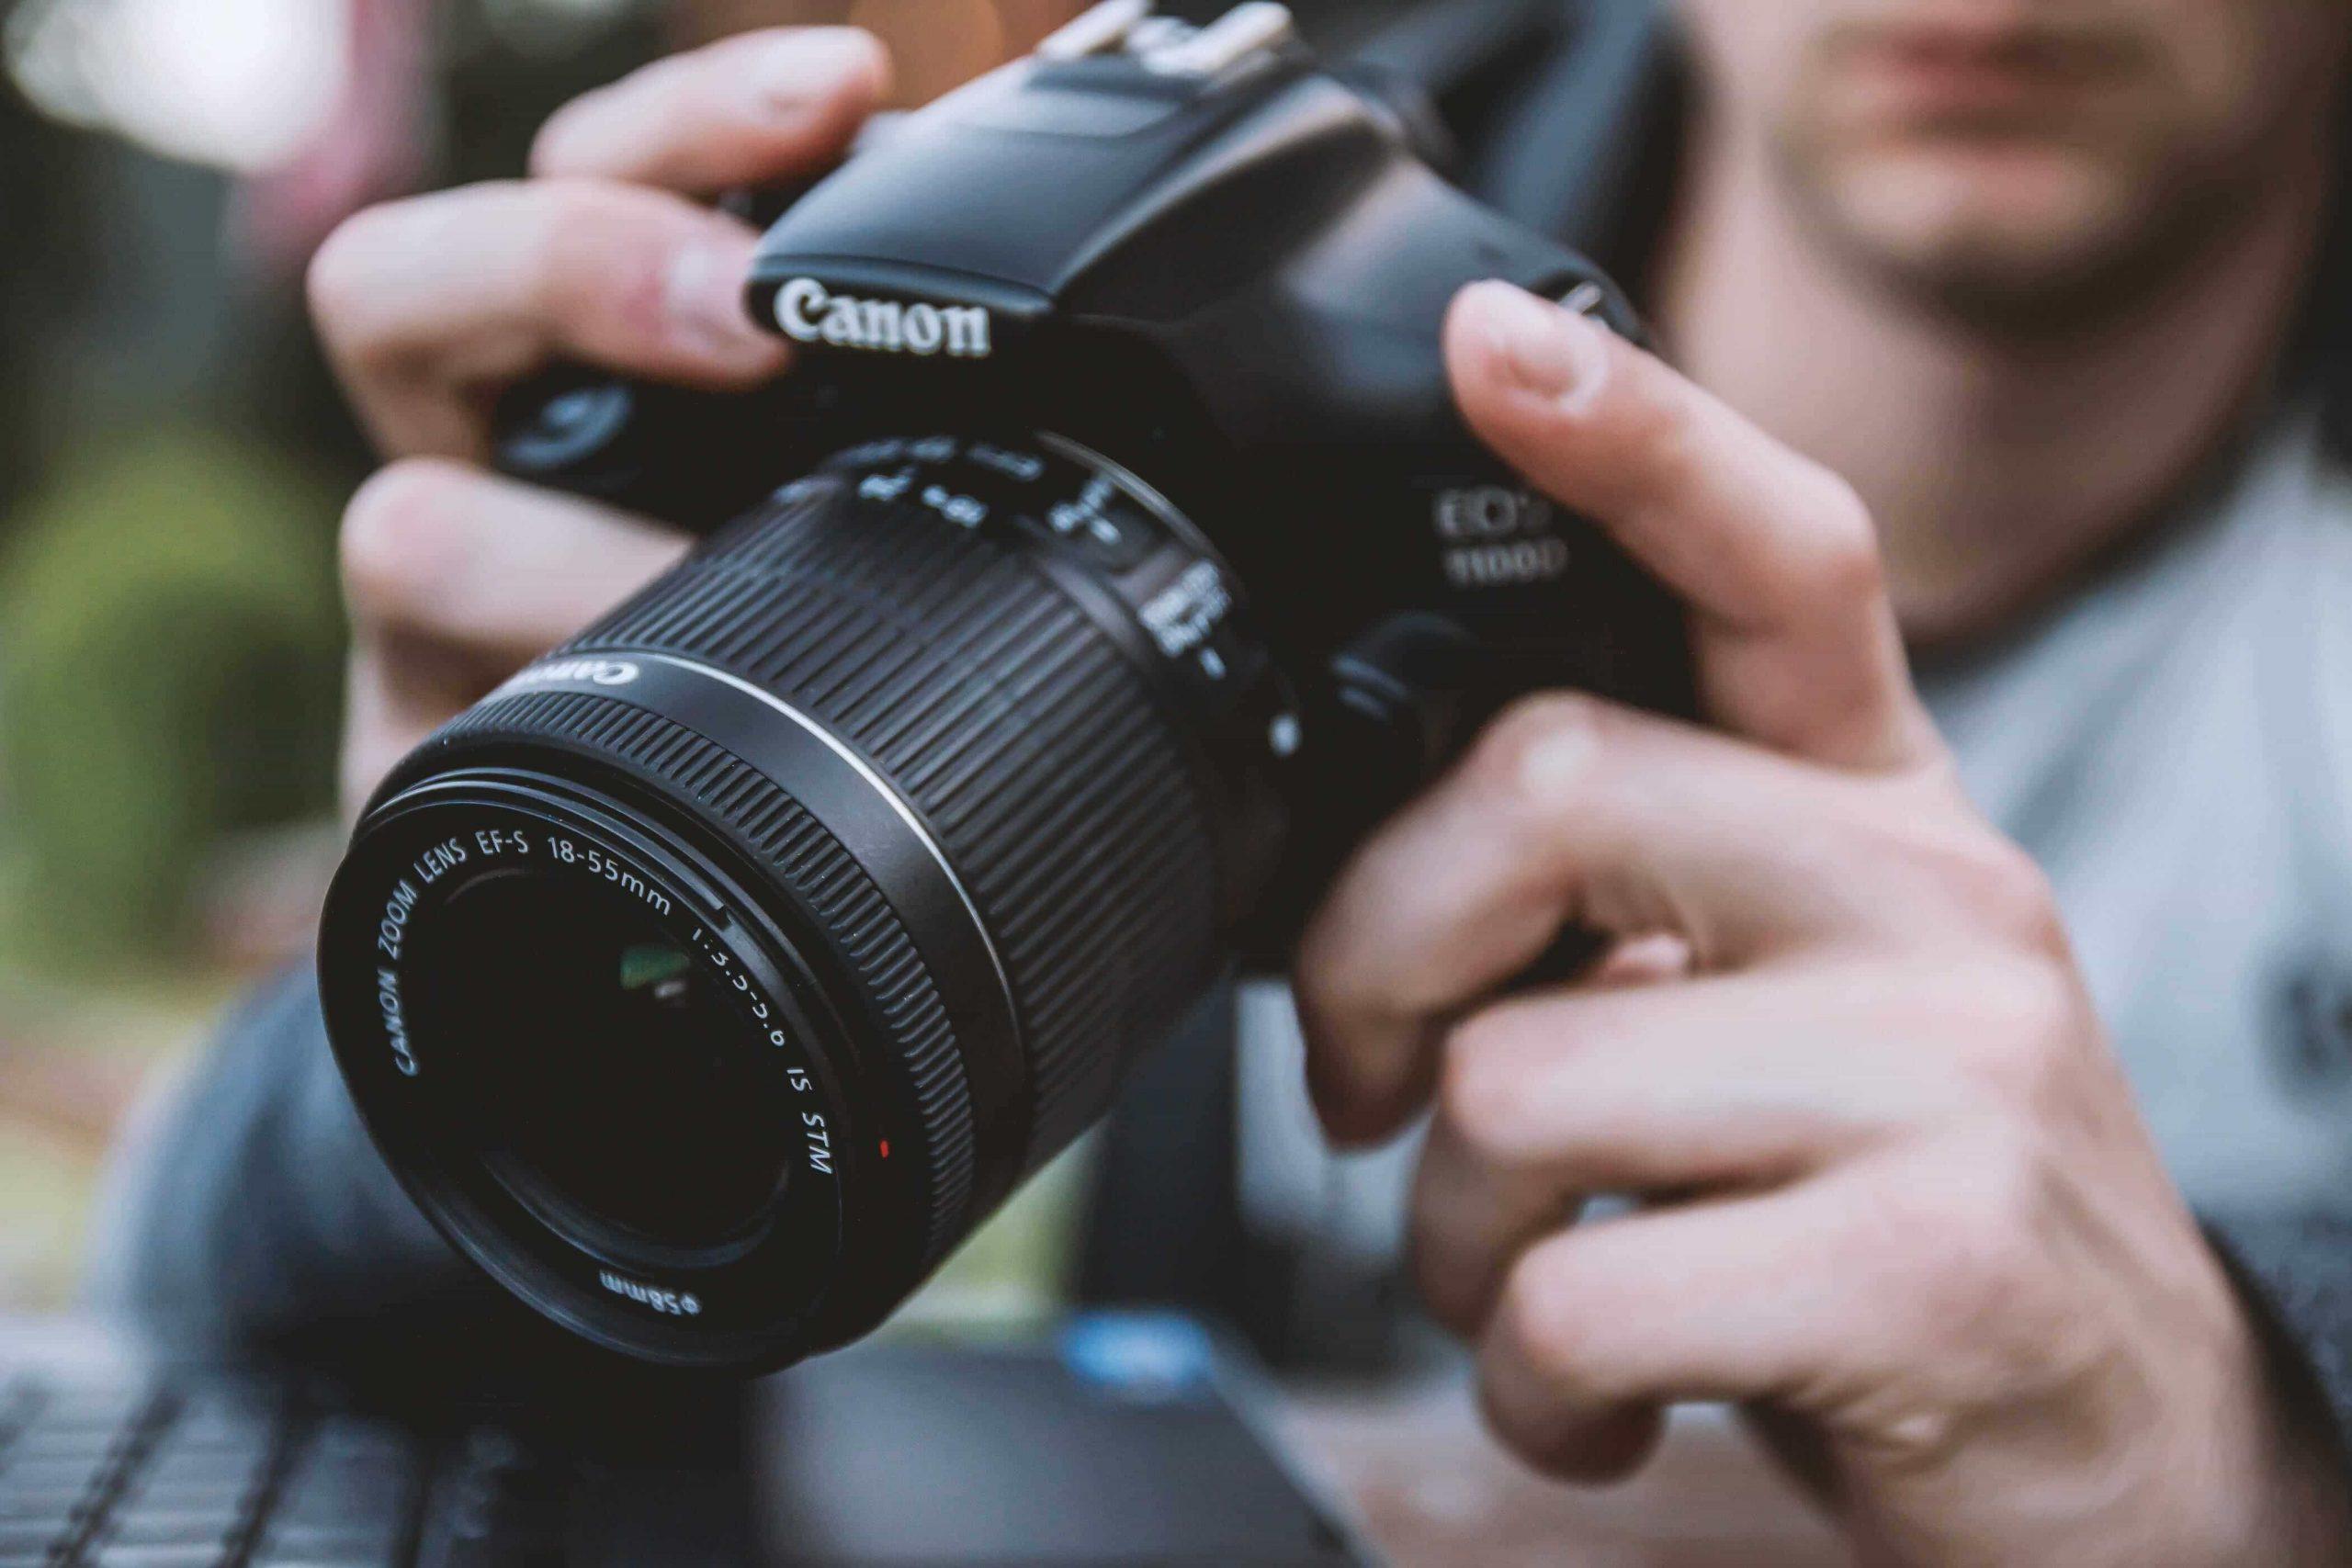 camera-canon-close-up